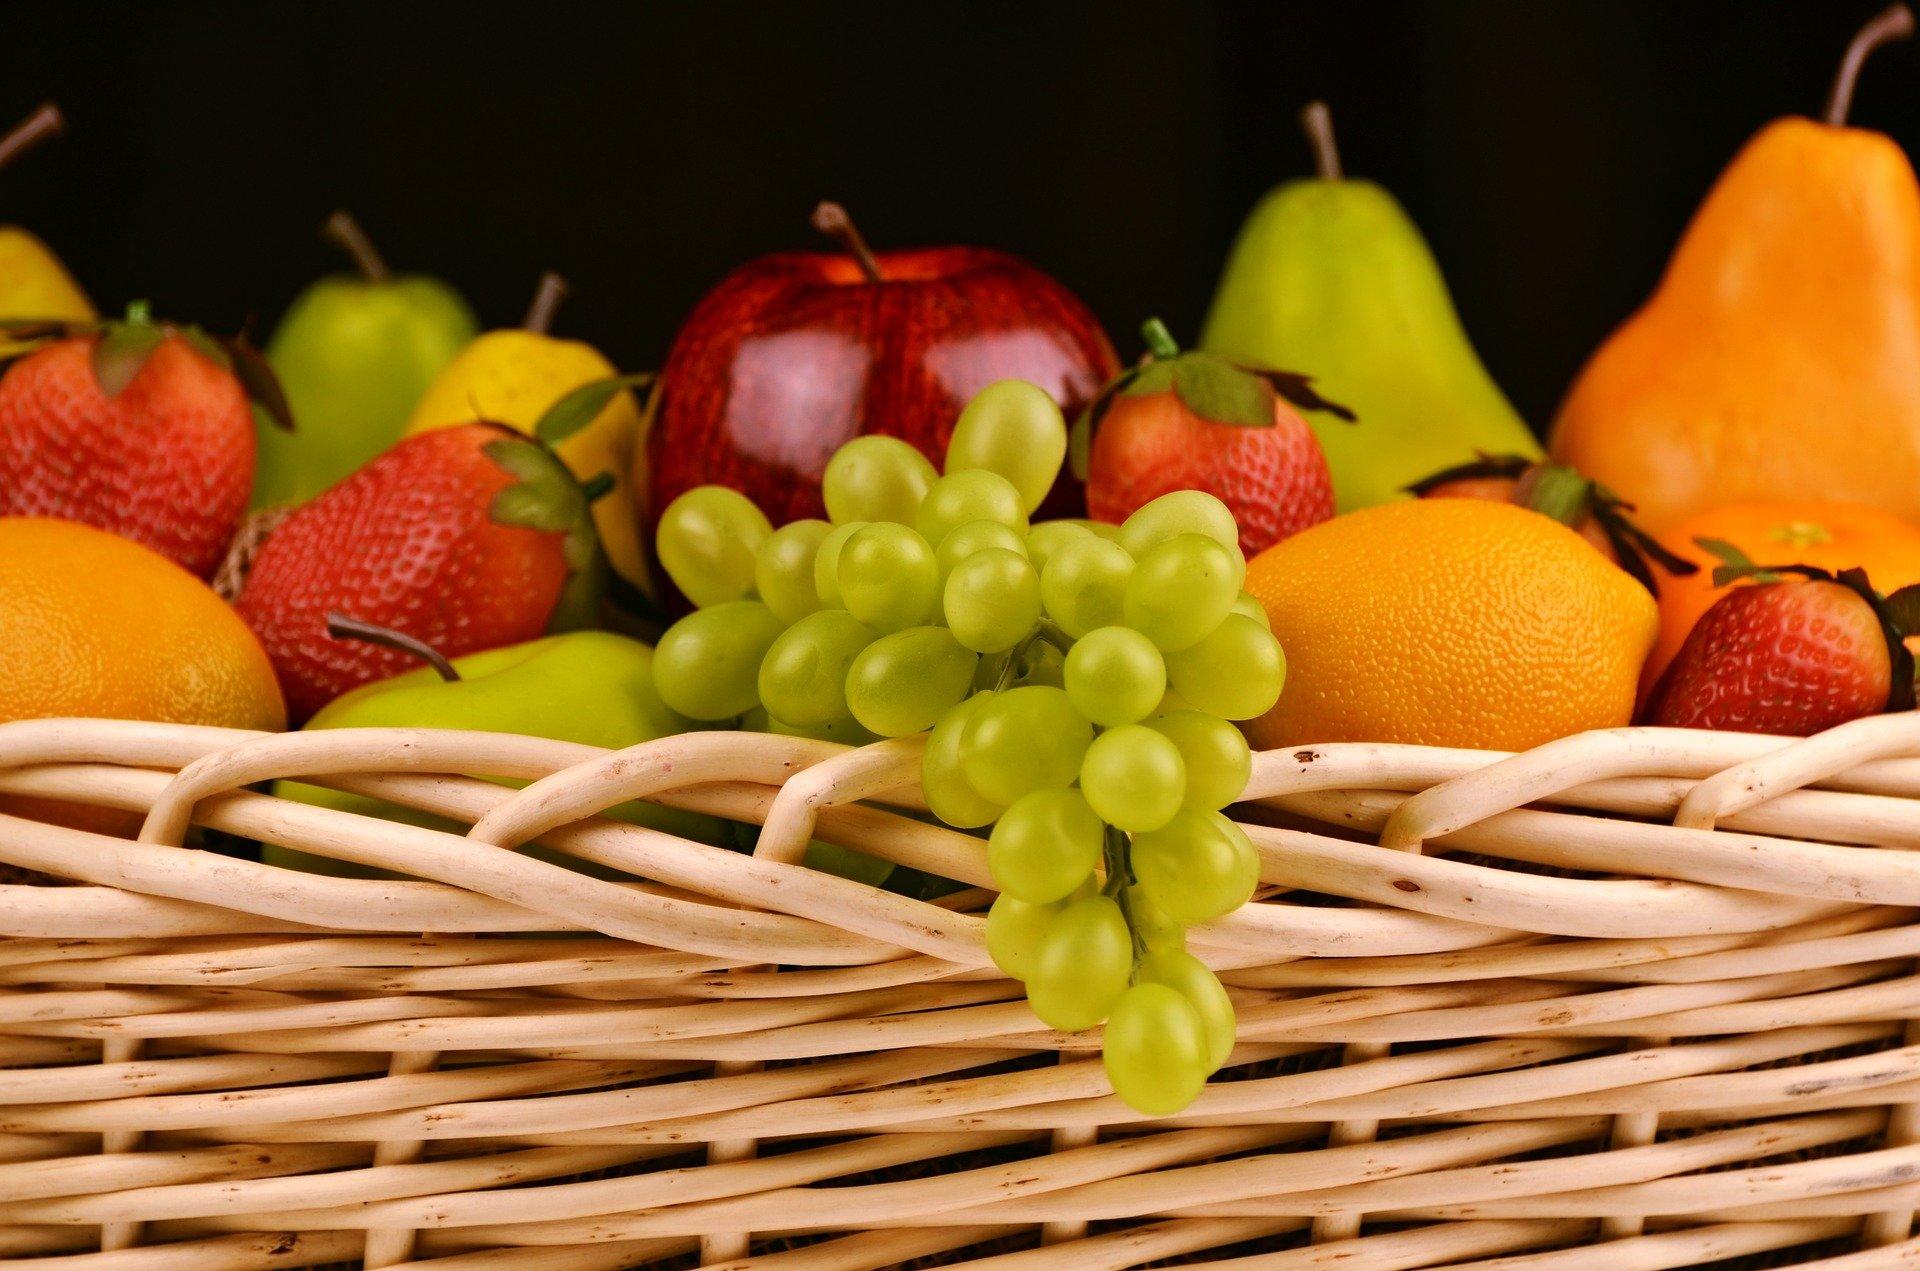 Обнаружить яд в фруктах поможет разработка ученых исследовательского университета